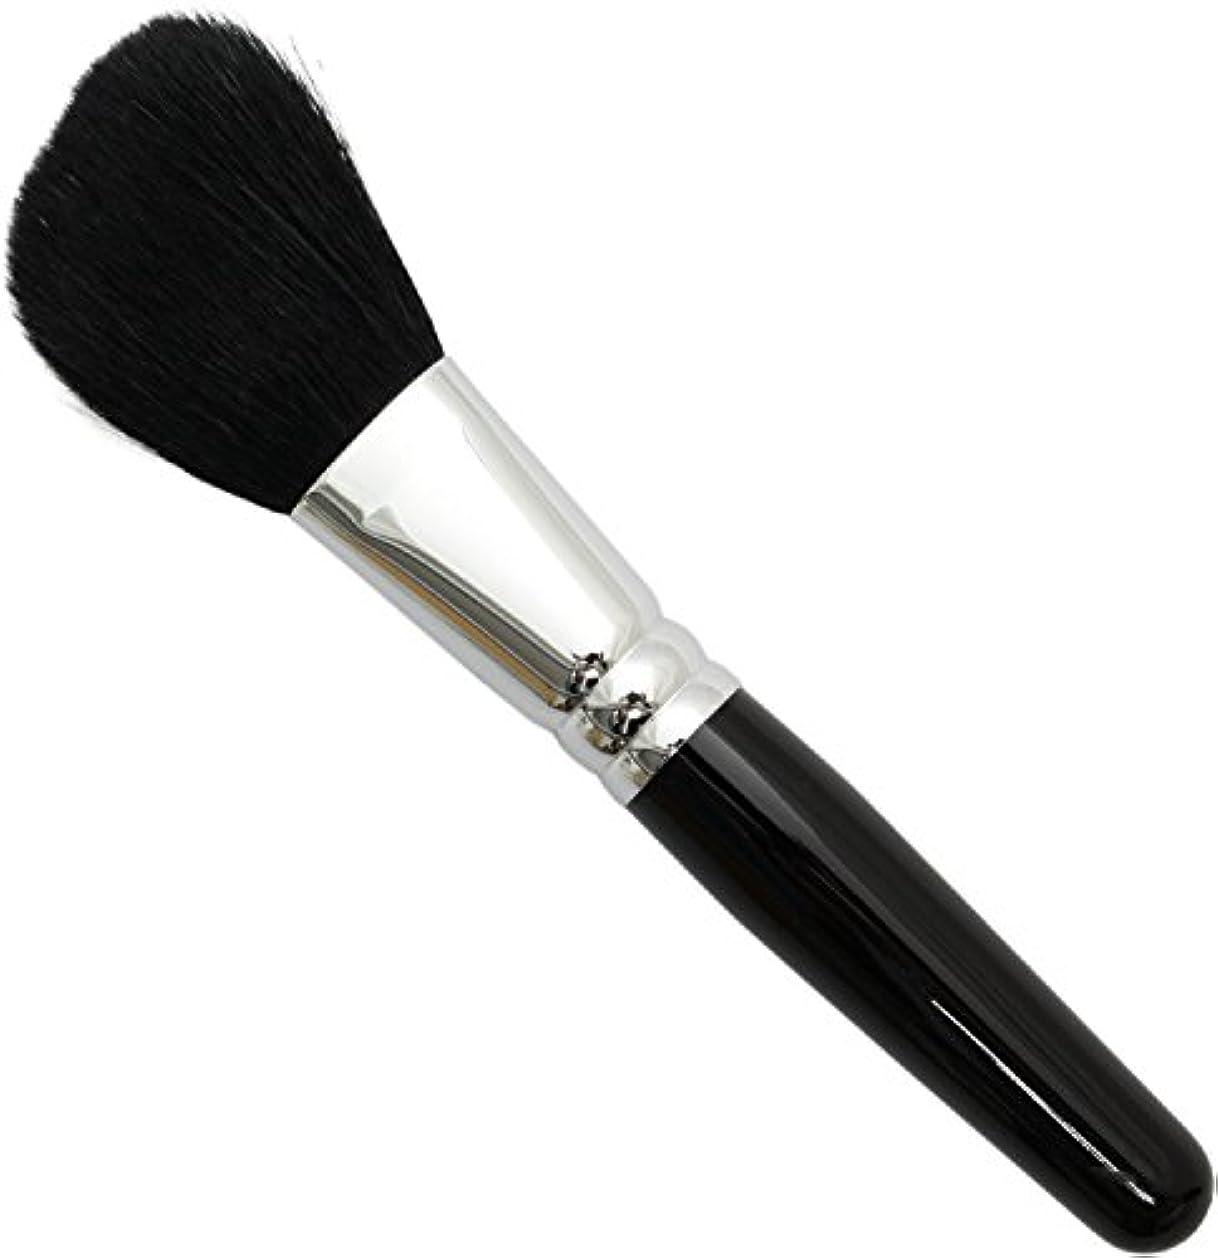 削る洗ううぬぼれた熊野筆 メイクブラシ SRシリーズ チークブラシ ななめ 山羊毛